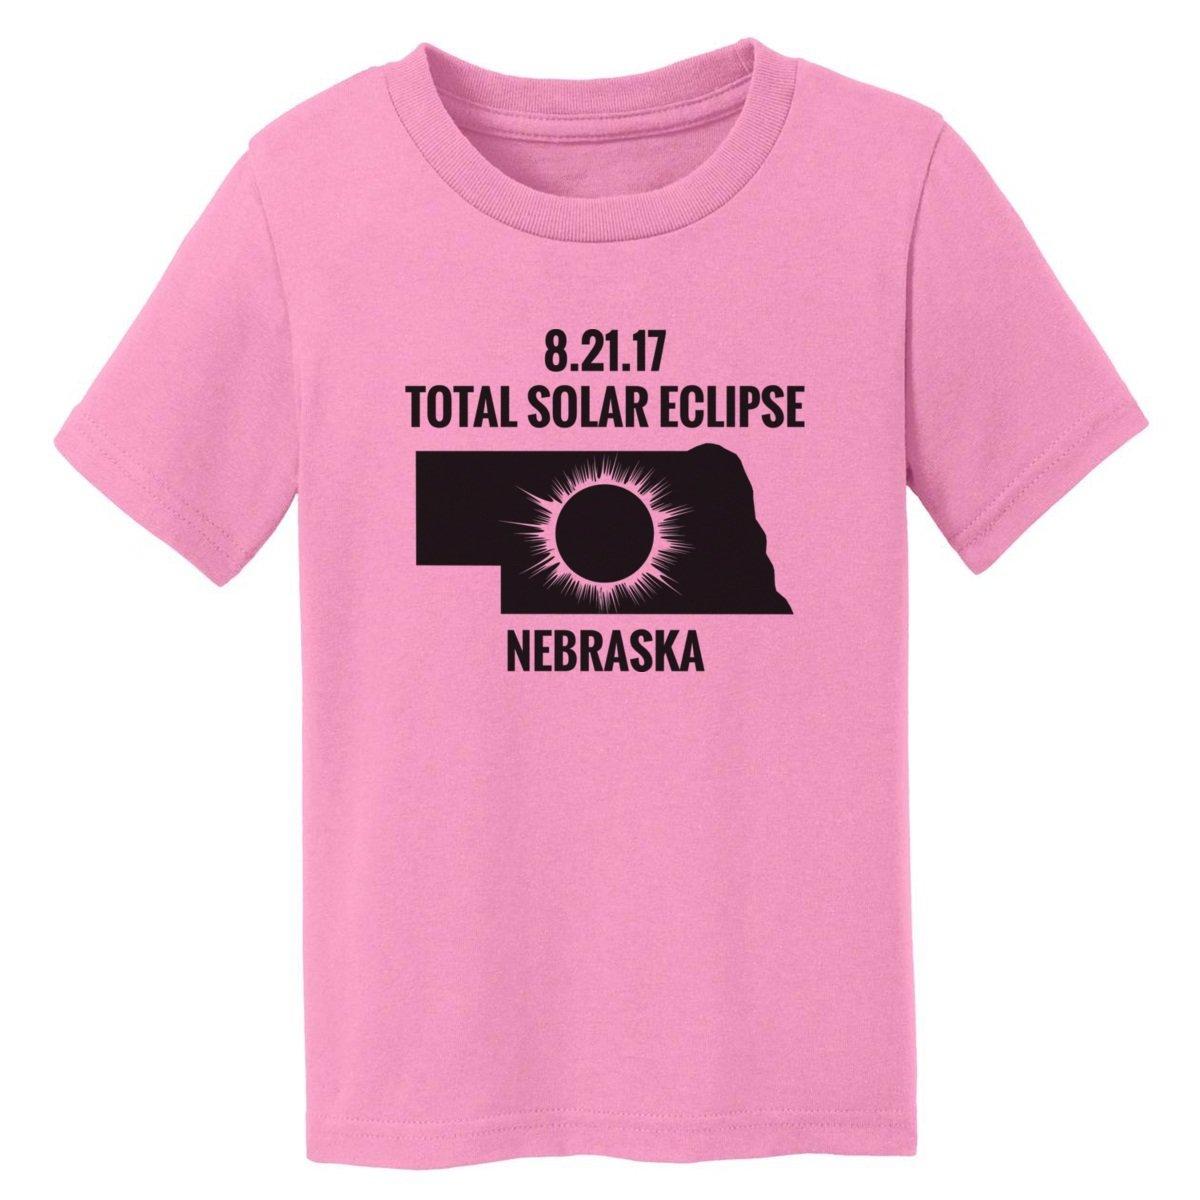 堅実な究極の Digital T-Shirt Digital Shop SHIRT SHIRT ベビーボーイズ T-Shirt XS キャンディピンク B073TKGCKY, ホログラムショップ ダンフォルム:15d482ca --- a0267596.xsph.ru